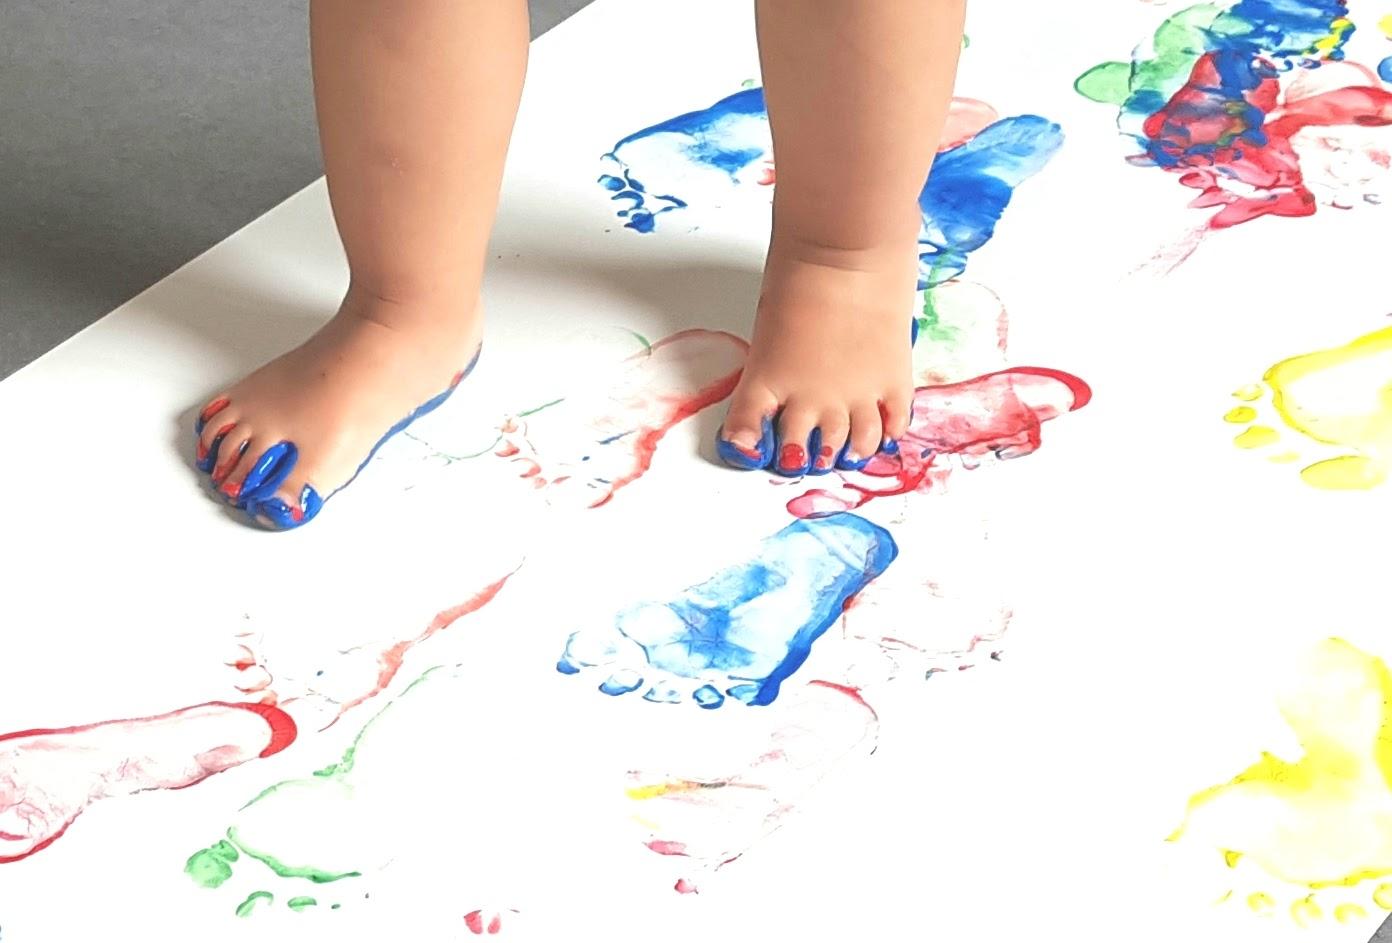 Atleir peinture aux pieds à la MAM